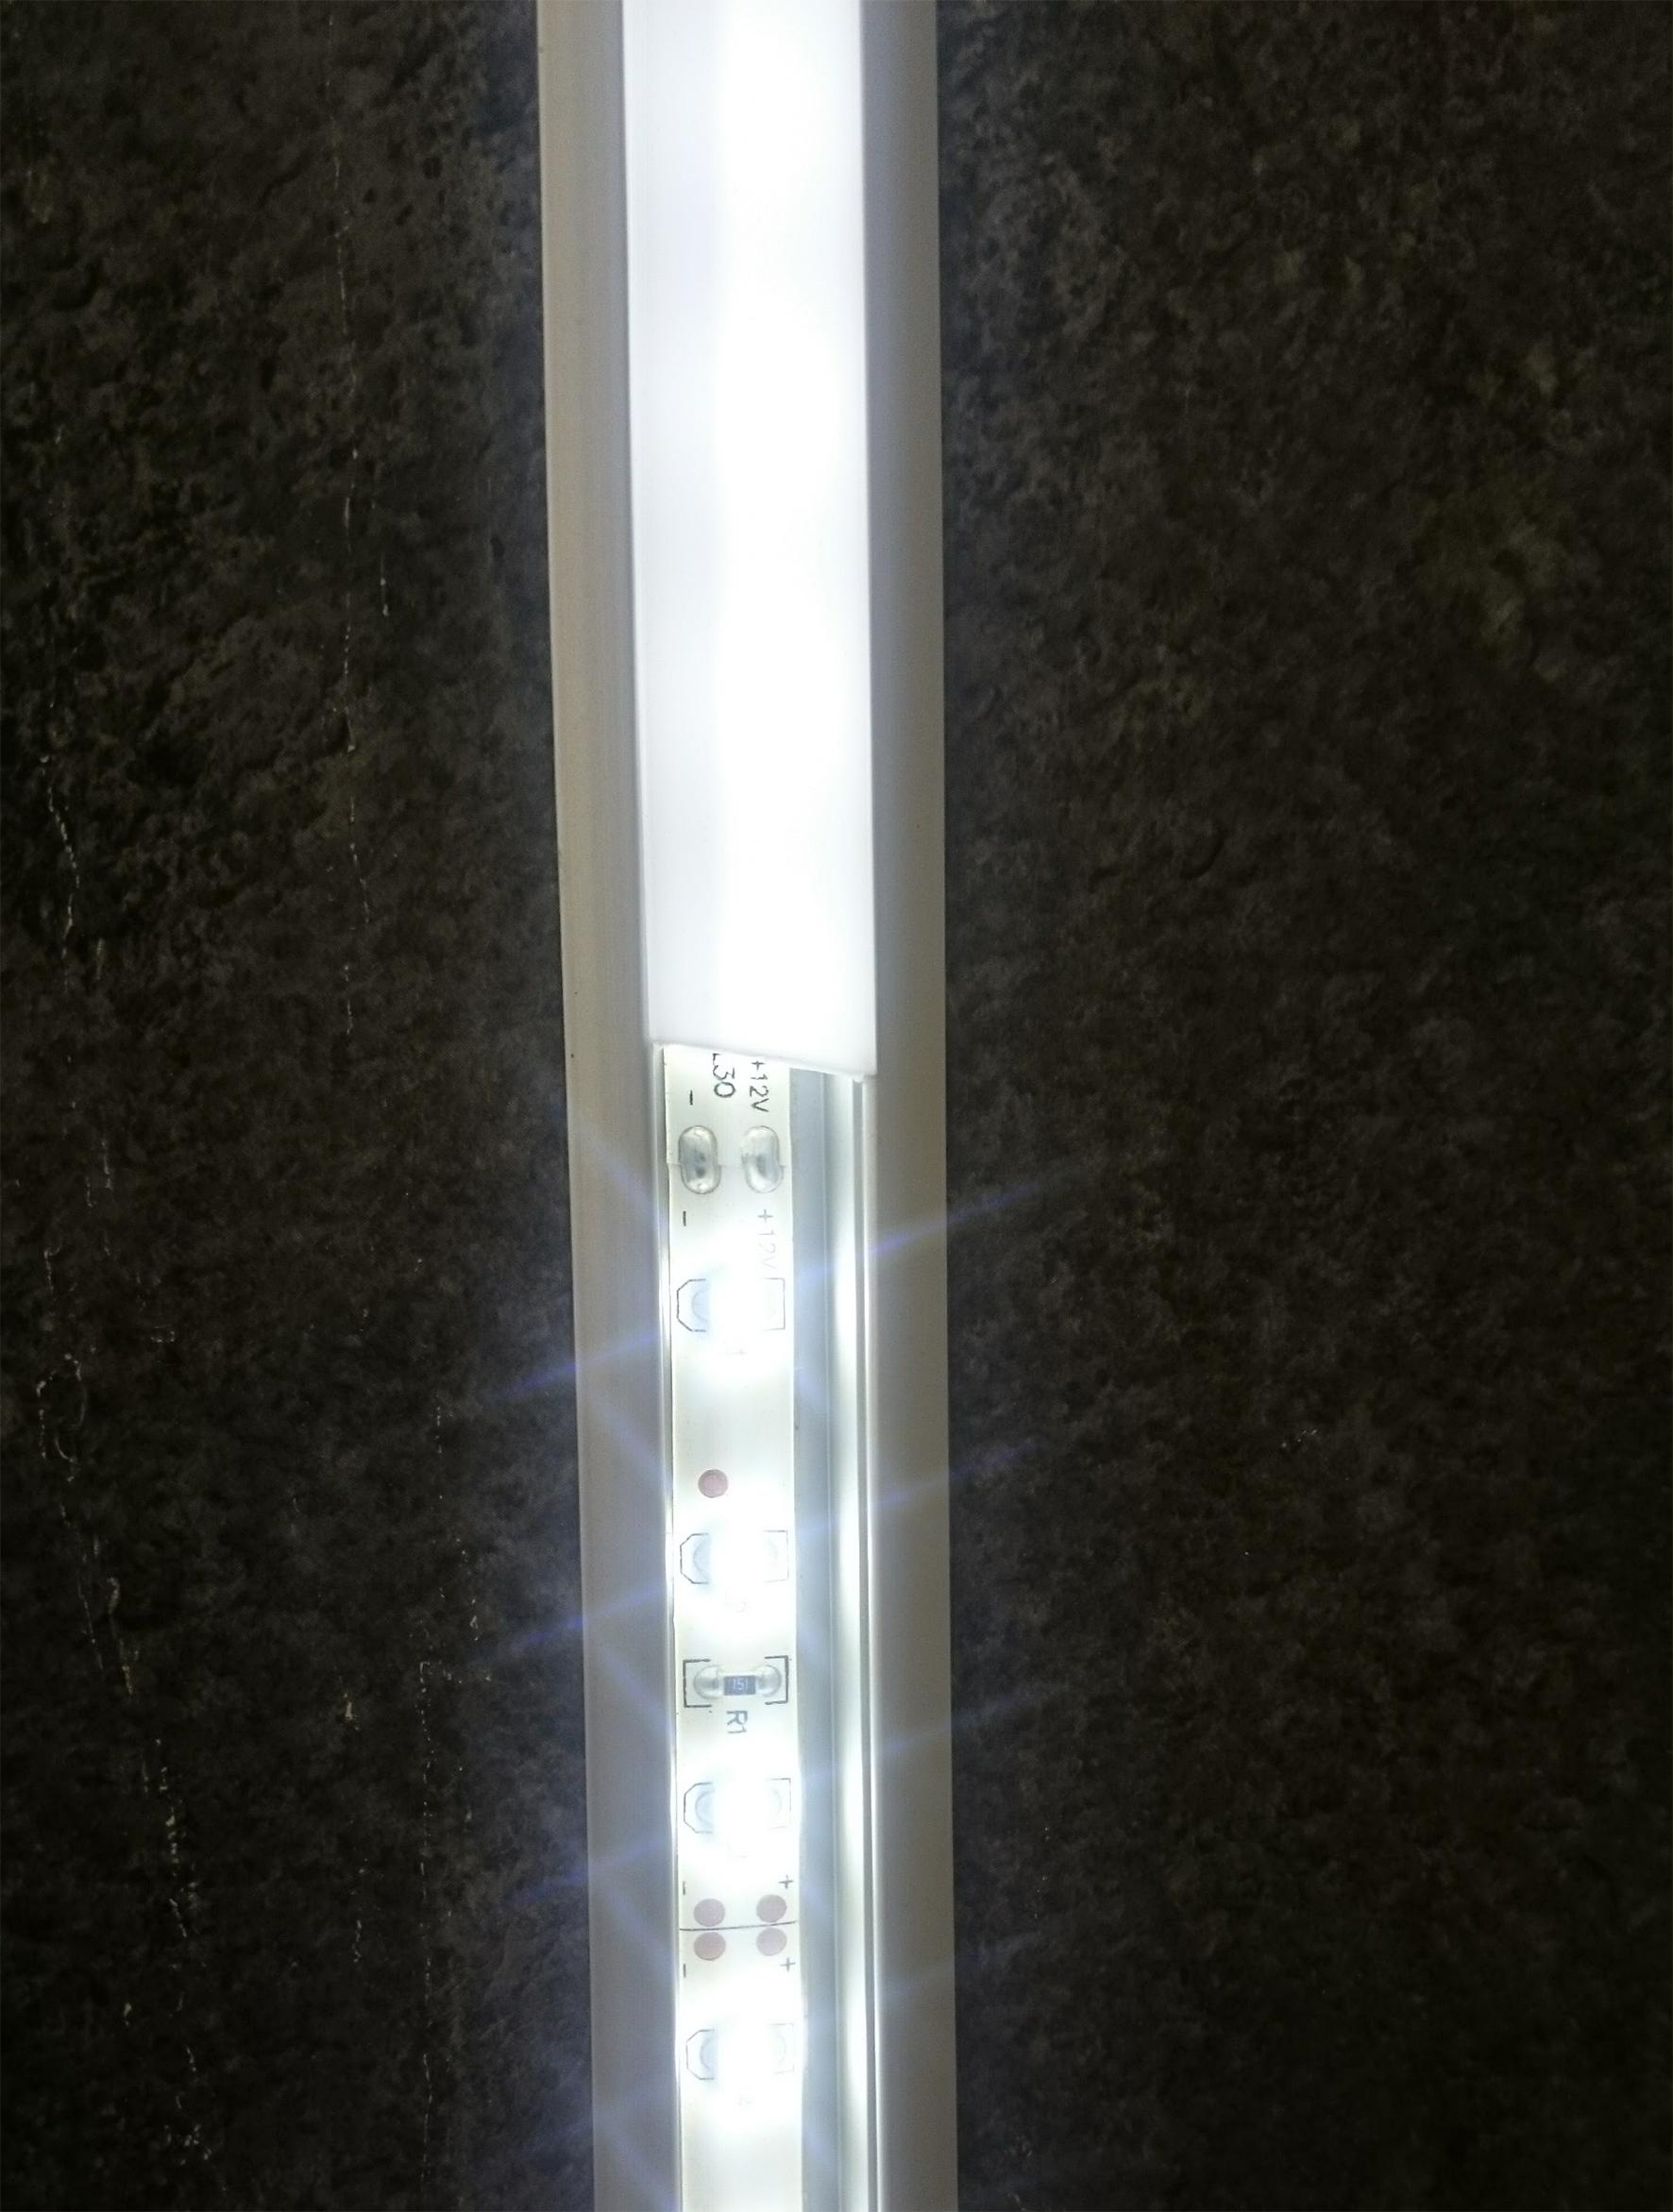 Profiiliin asennettu LED-nauha ja diffuusorin vaikutus valon häikäisyyn.